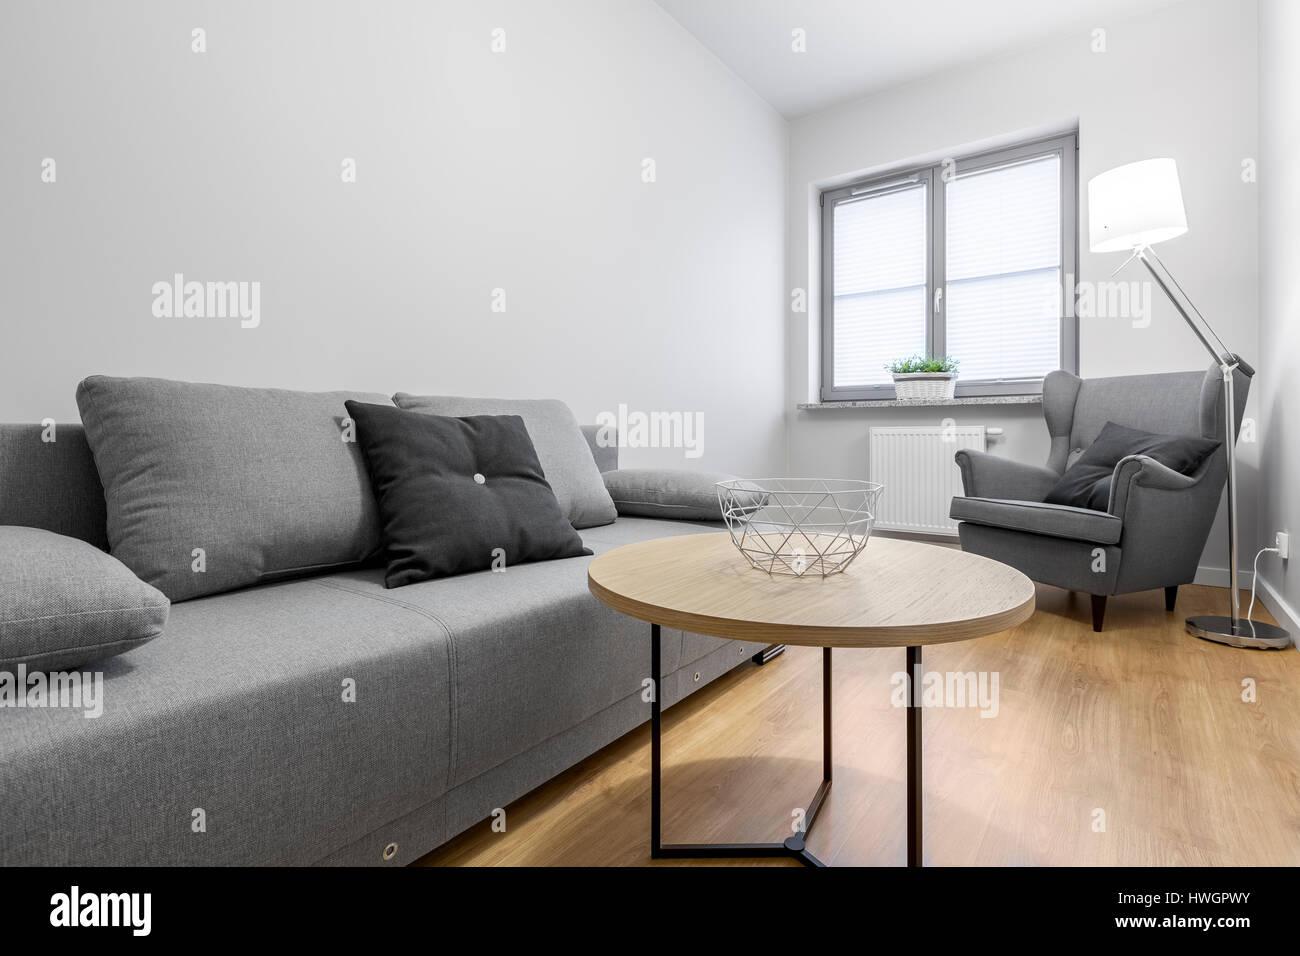 Kleines Wohnzimmer mit grauen Sofa, Sessel und Couchtisch Stockfoto ...